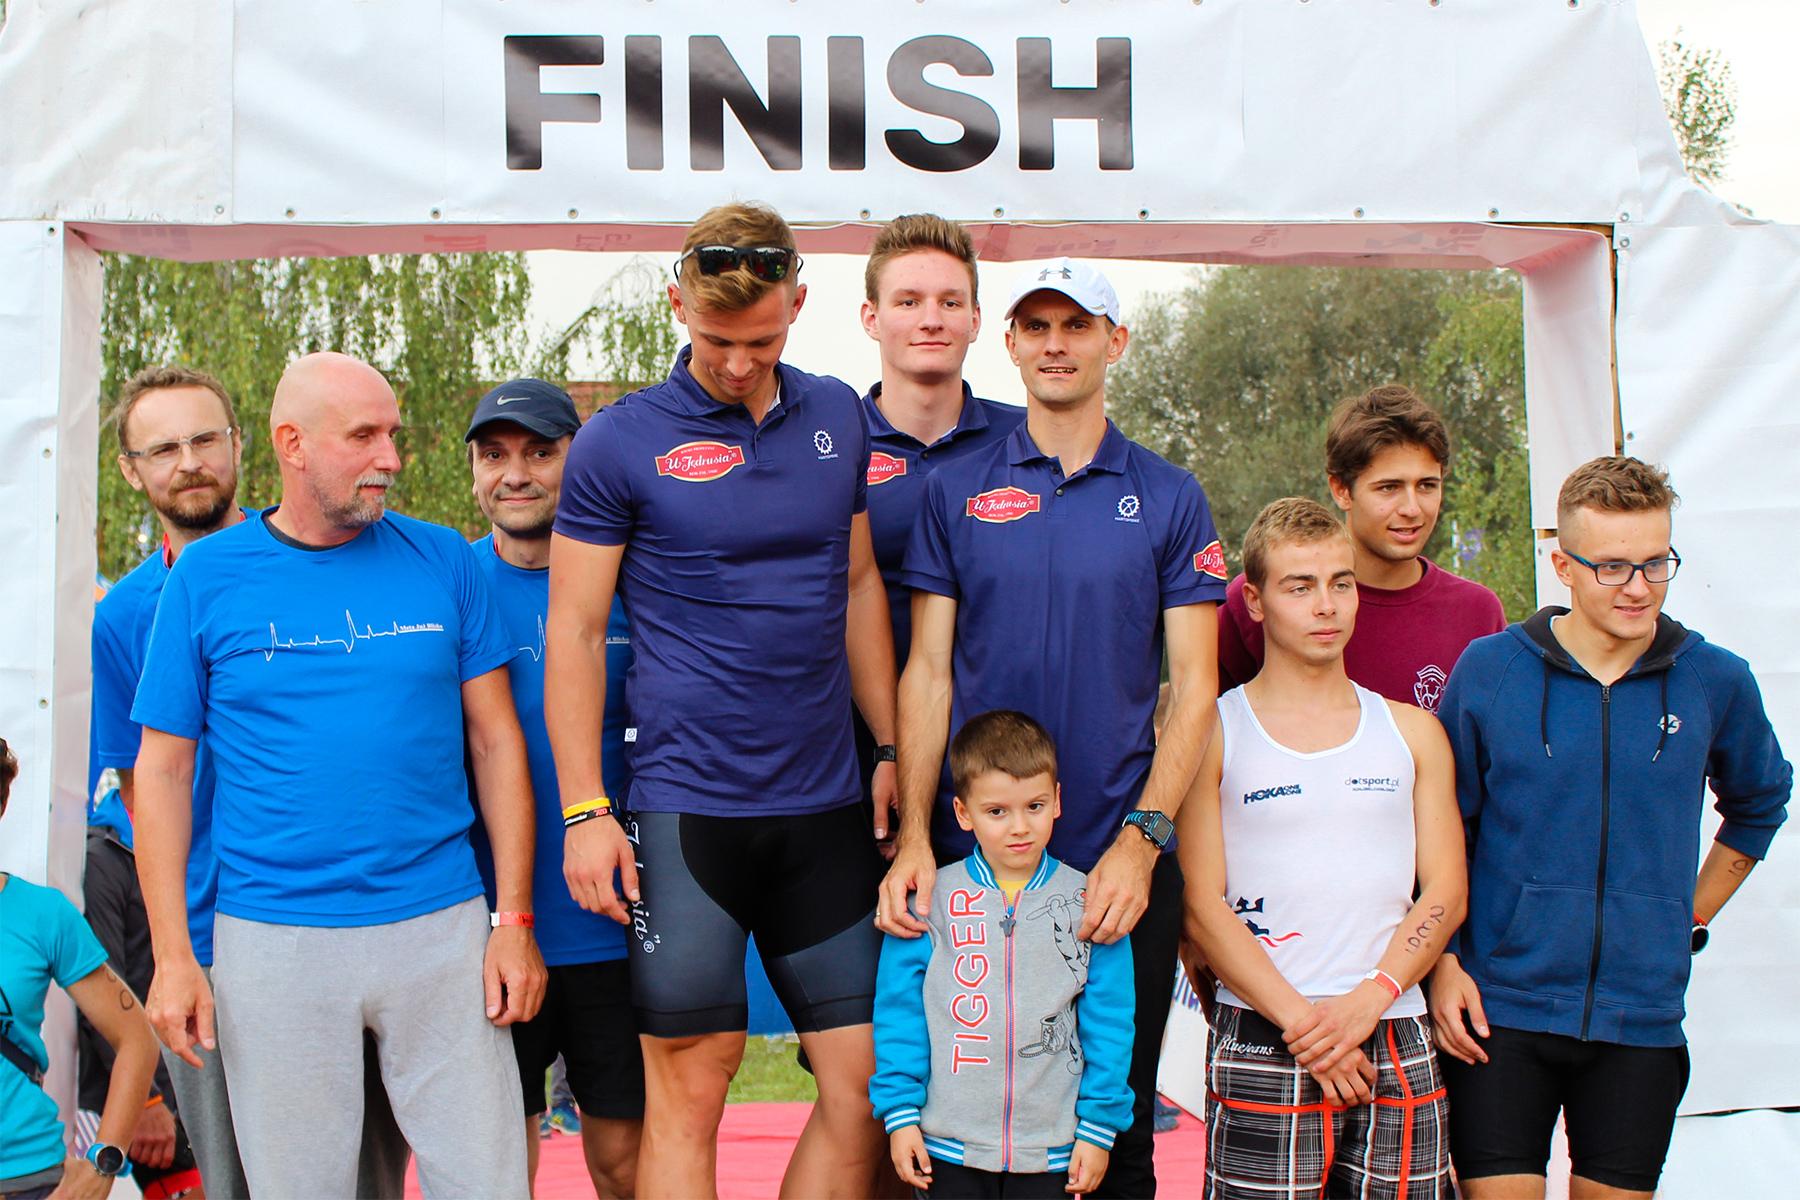 Pierwsze miejsce - UJędrusia Triteam